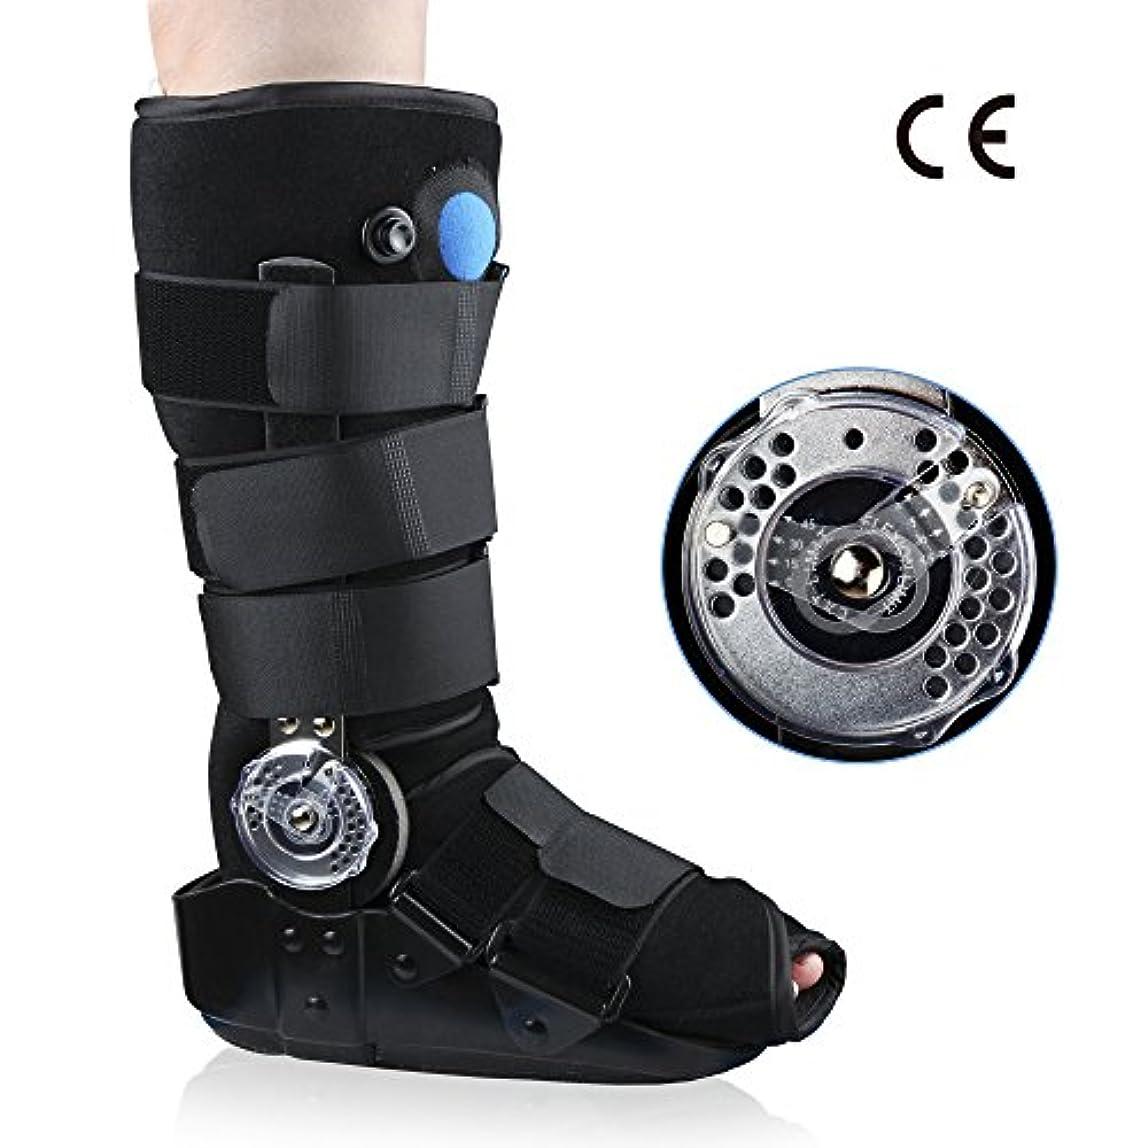 REAQER 足首サポート アキレス腱断裂の術後のリハビリシューズ 足首骨折固定ブレース 足首のサポート 骨折の靴 (S)